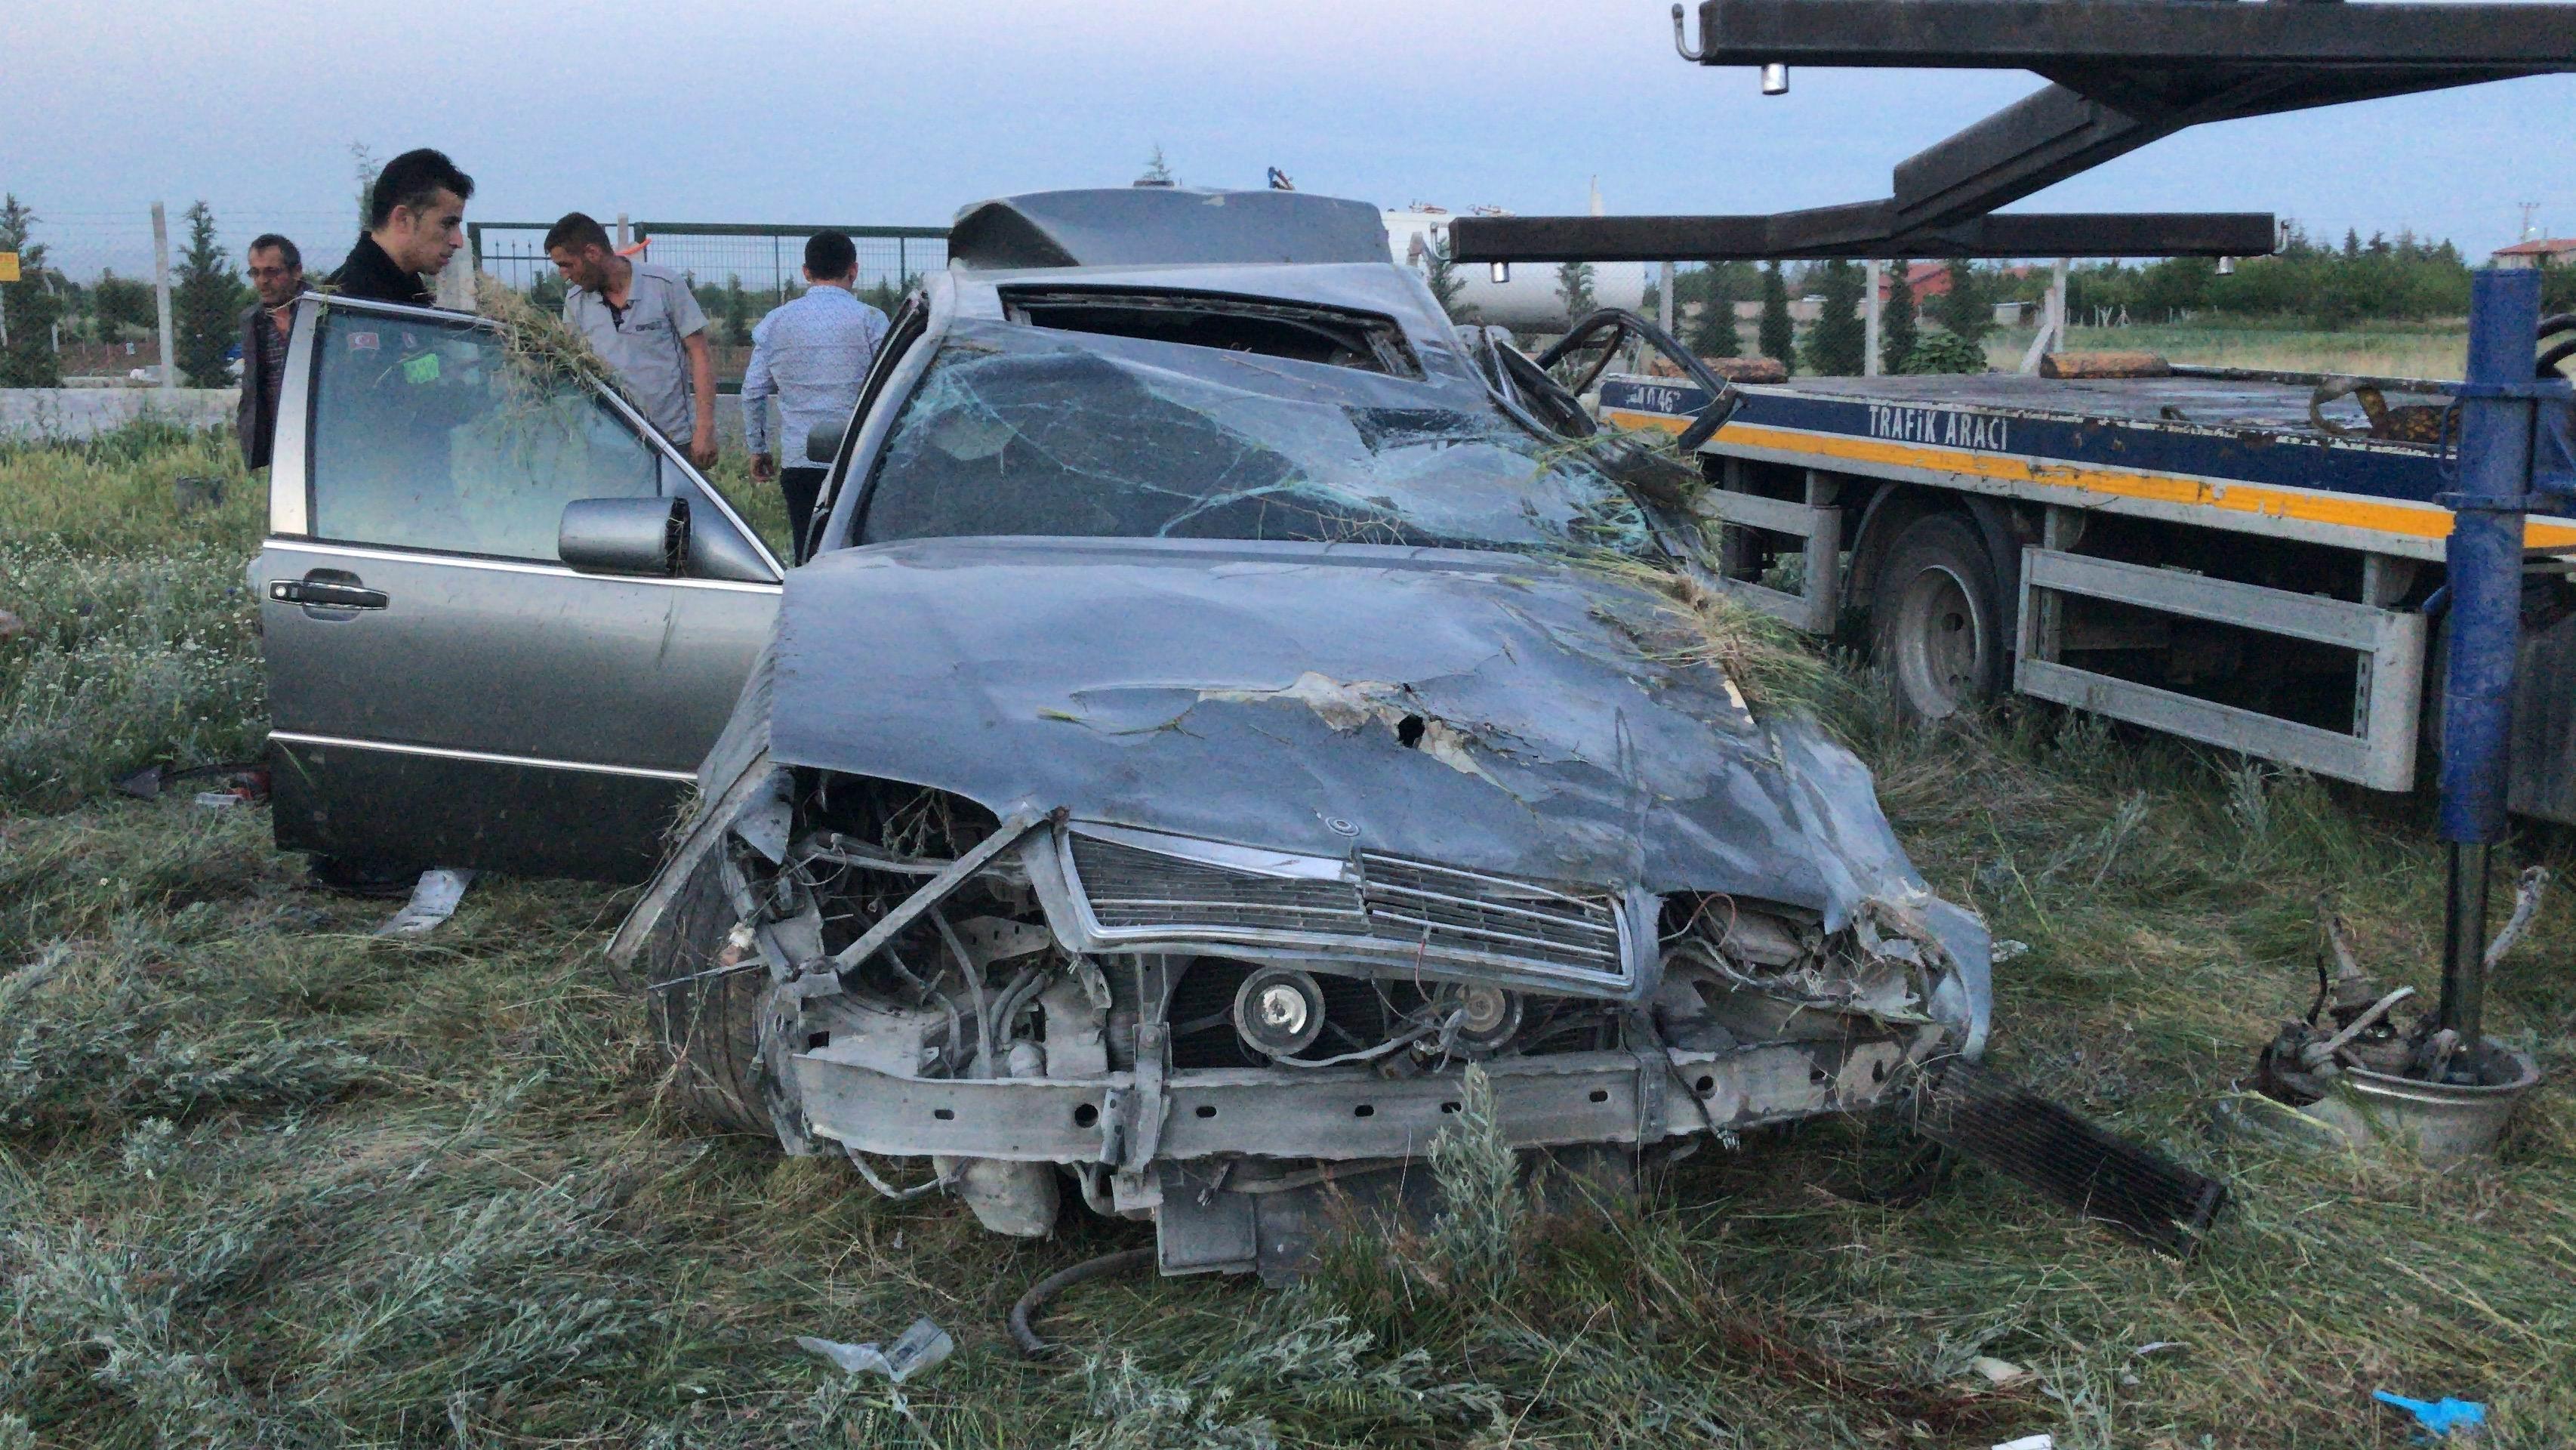 Konya'da kontrolden çıkan otomobil takla attı: 1 ölü, 1 ağır yaralı